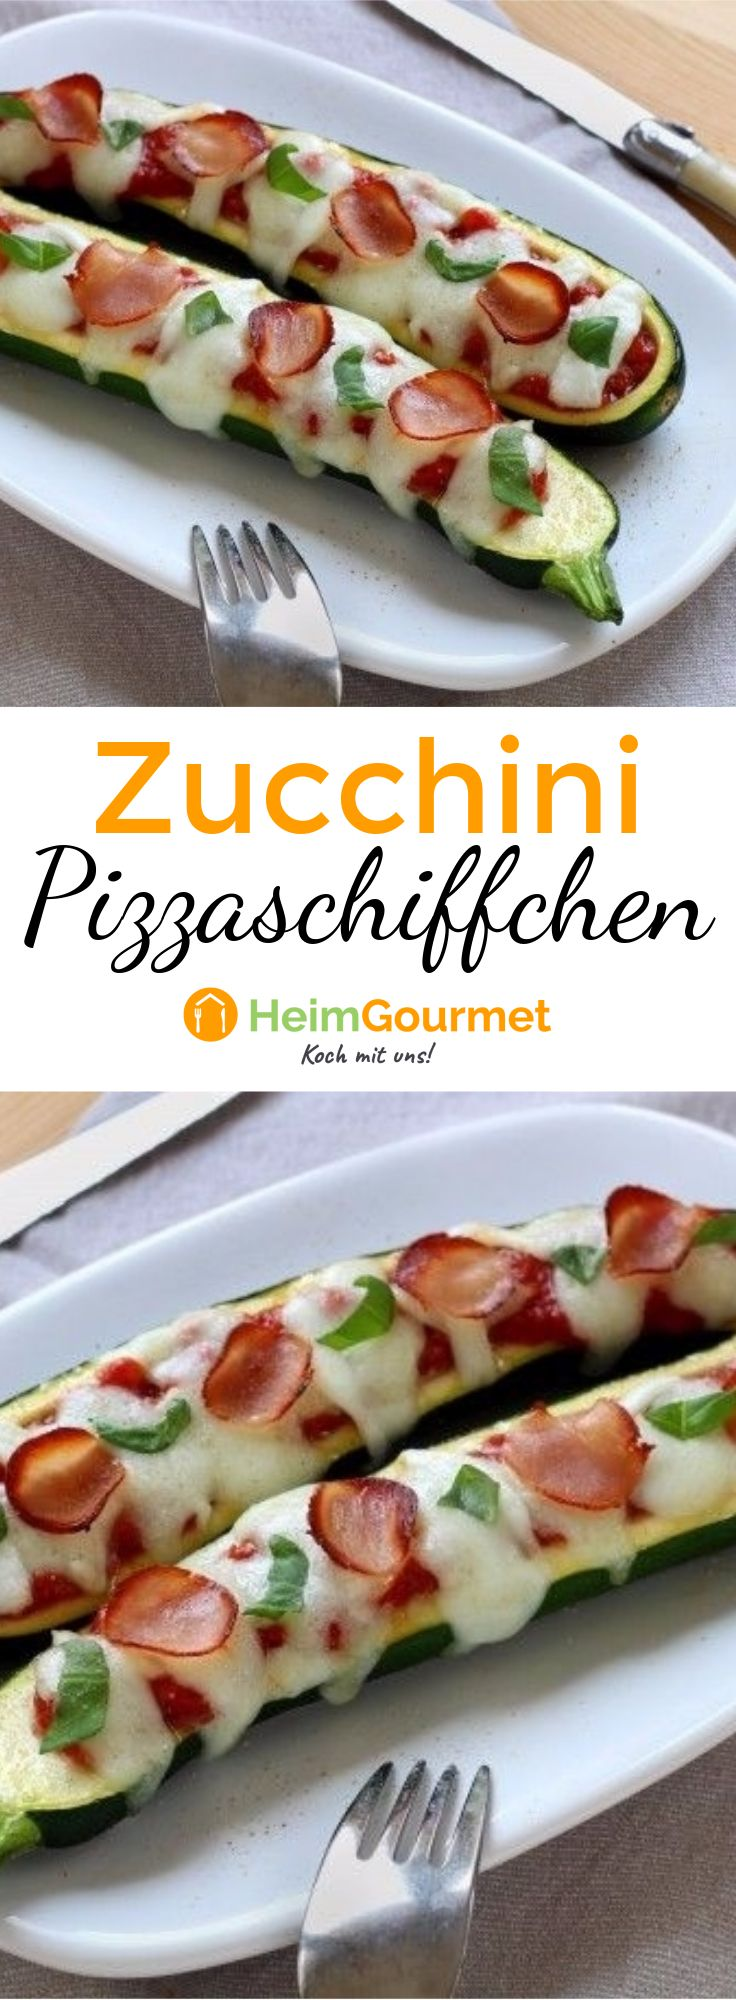 Wir lieben diese gefüllten Zucchini-Schiffchen mit Pizzageschmack.